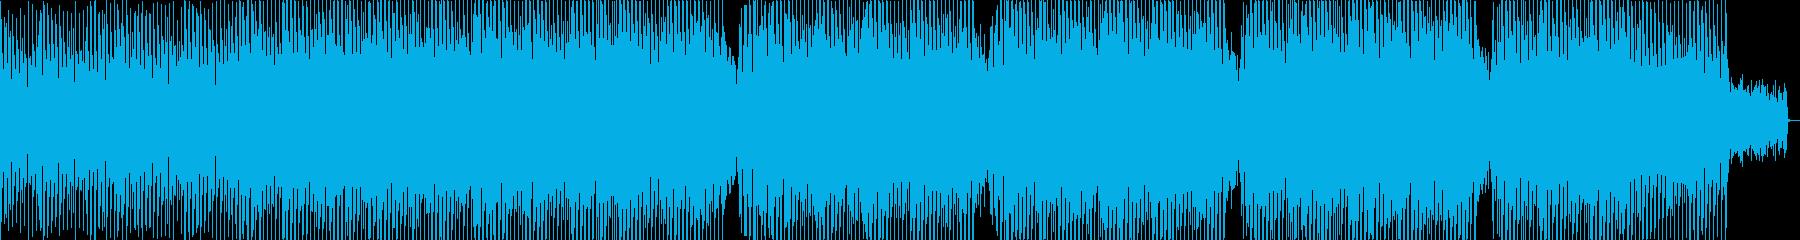 わくわく感のシンセ・鈴などポップの再生済みの波形